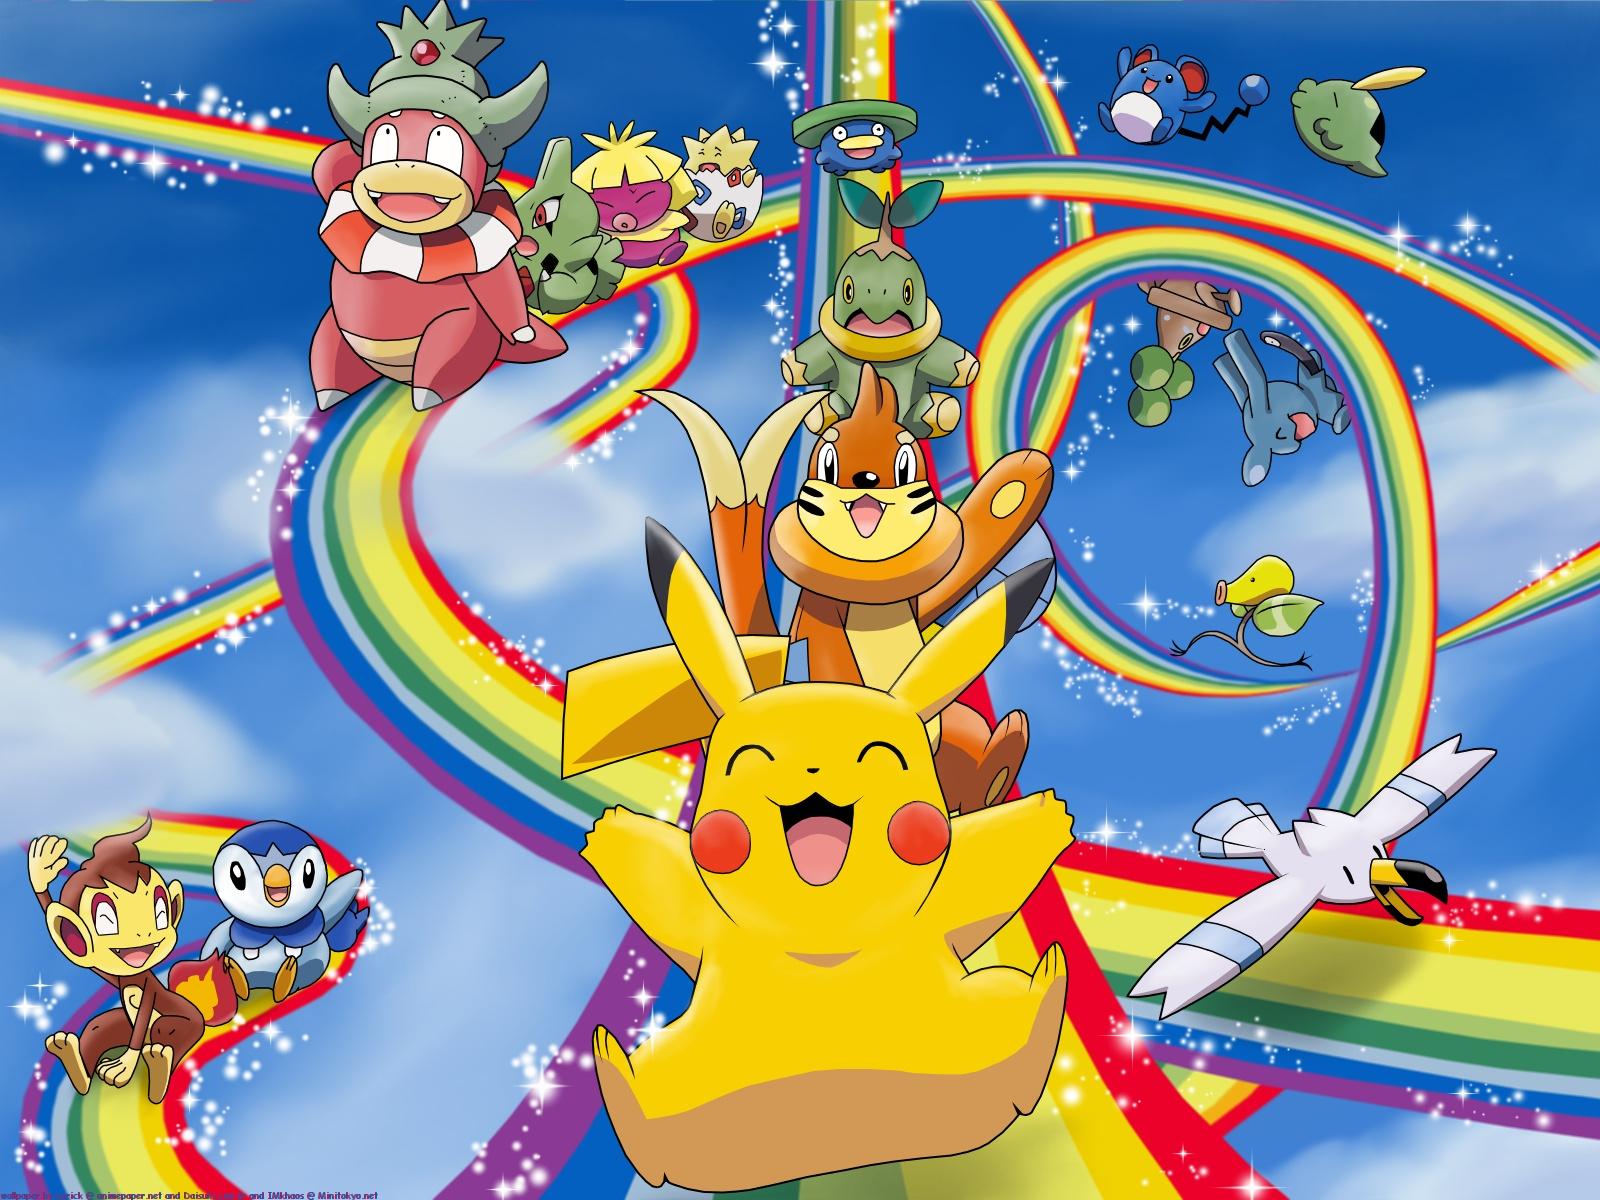 Rumor: Pokemon Rainbow to be announced